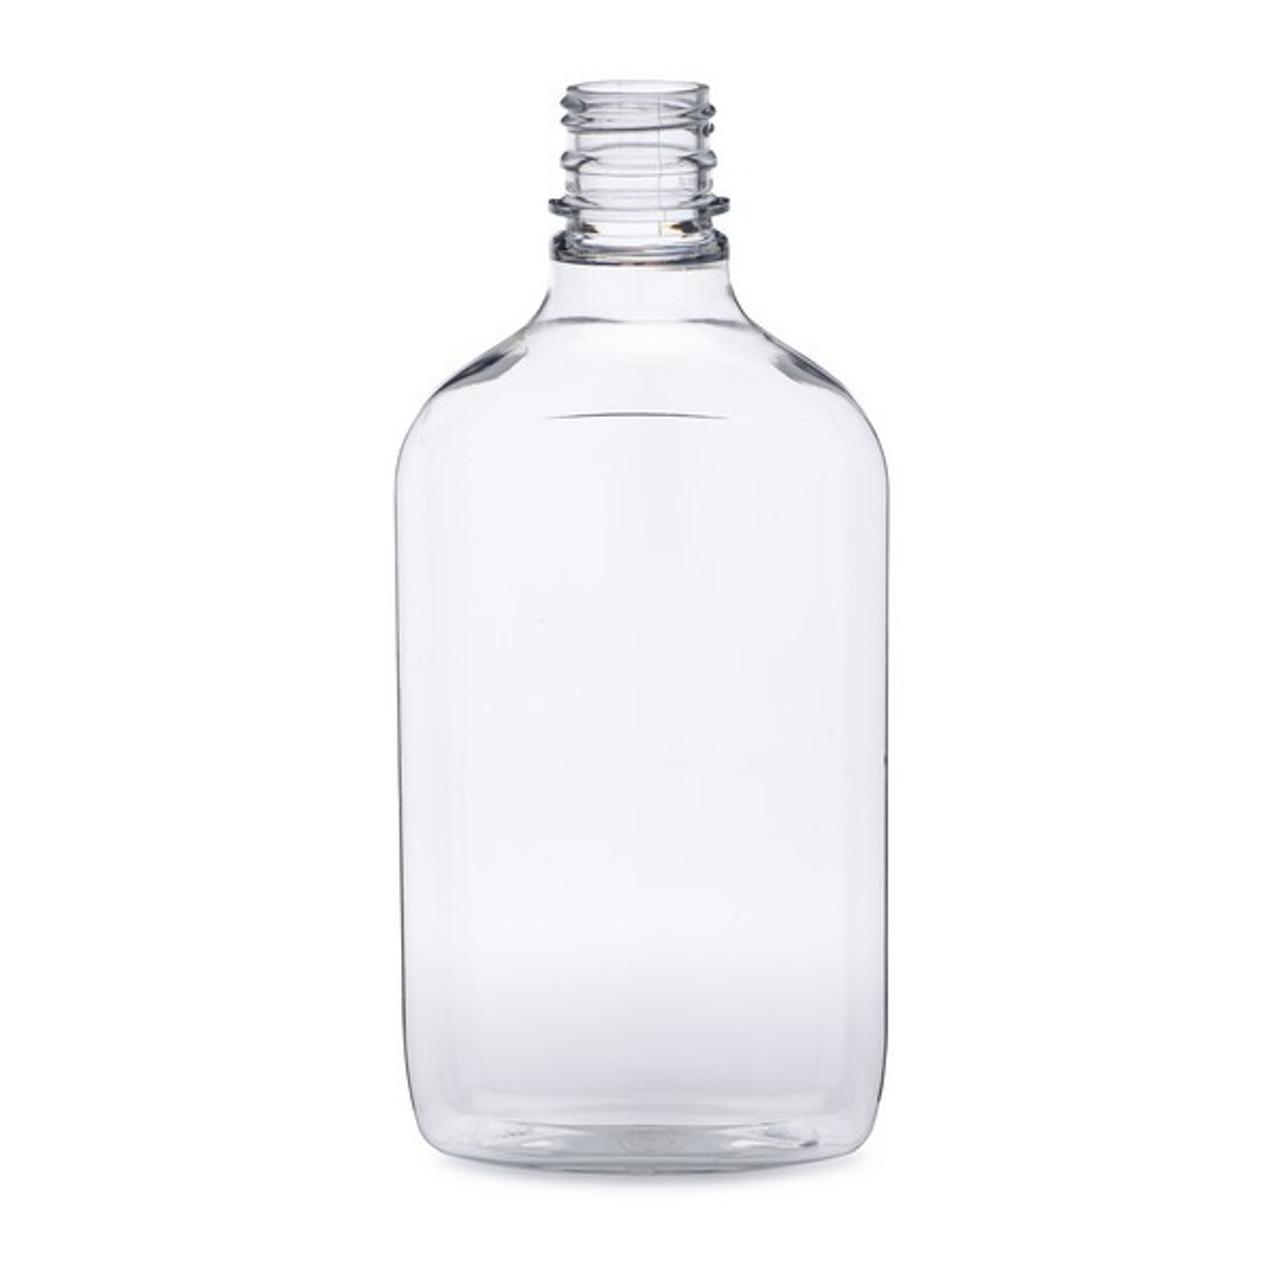 f27a47771a99 17 oz, 500ml Clear PET Plastic Flasks